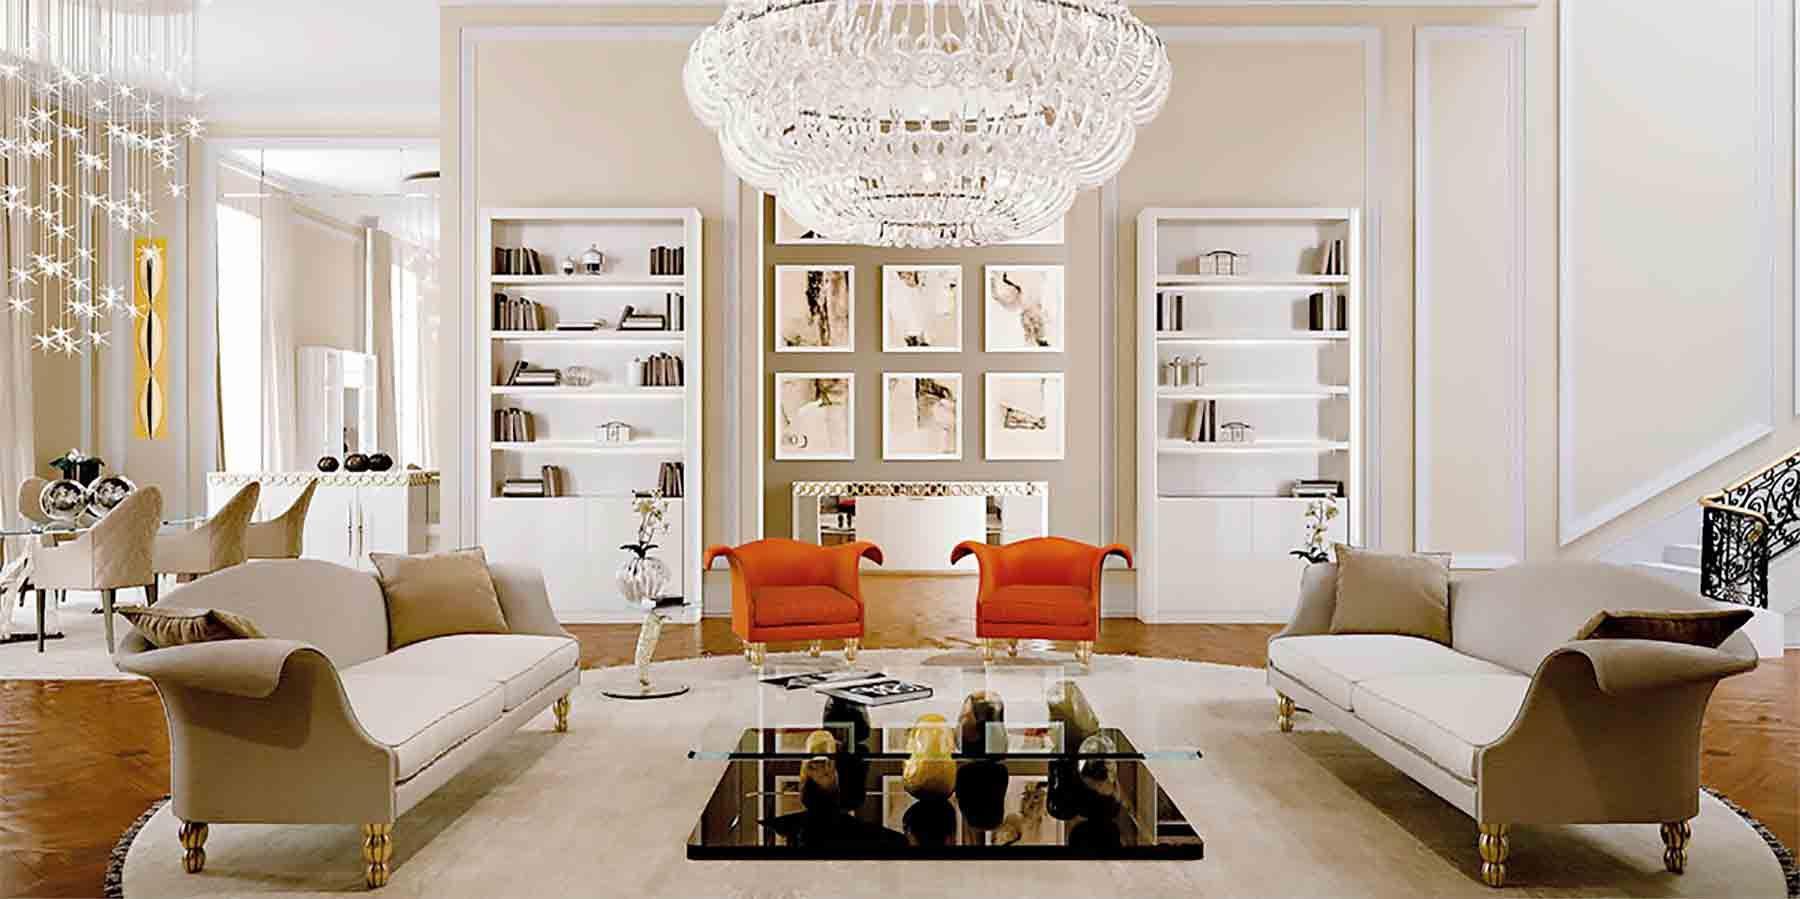 Meubles de luxe Grand salon luxueux   Salon luxueux